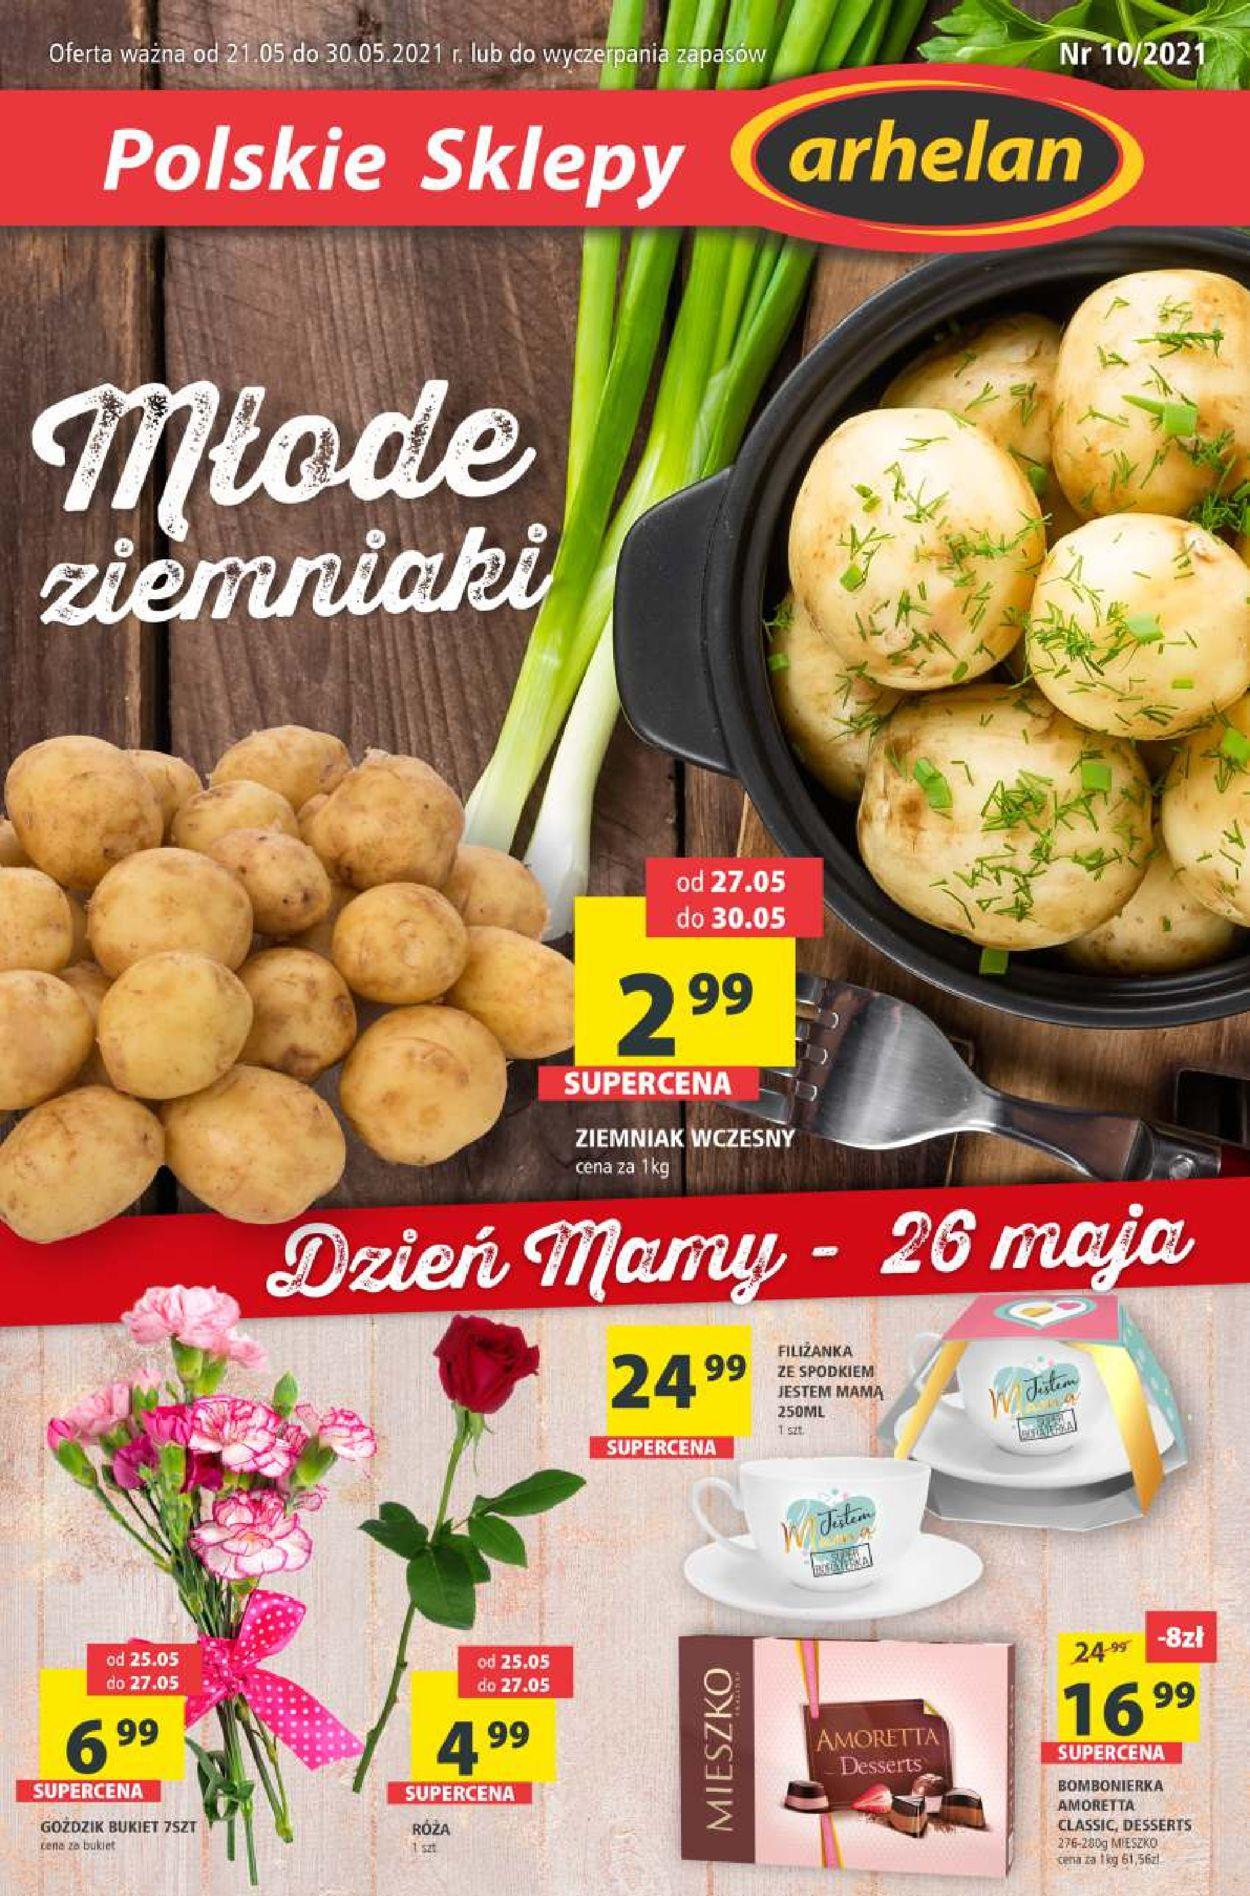 Gazetka promocyjna arhelan Dzień Matki 2021 - 21.05-30.05.2021